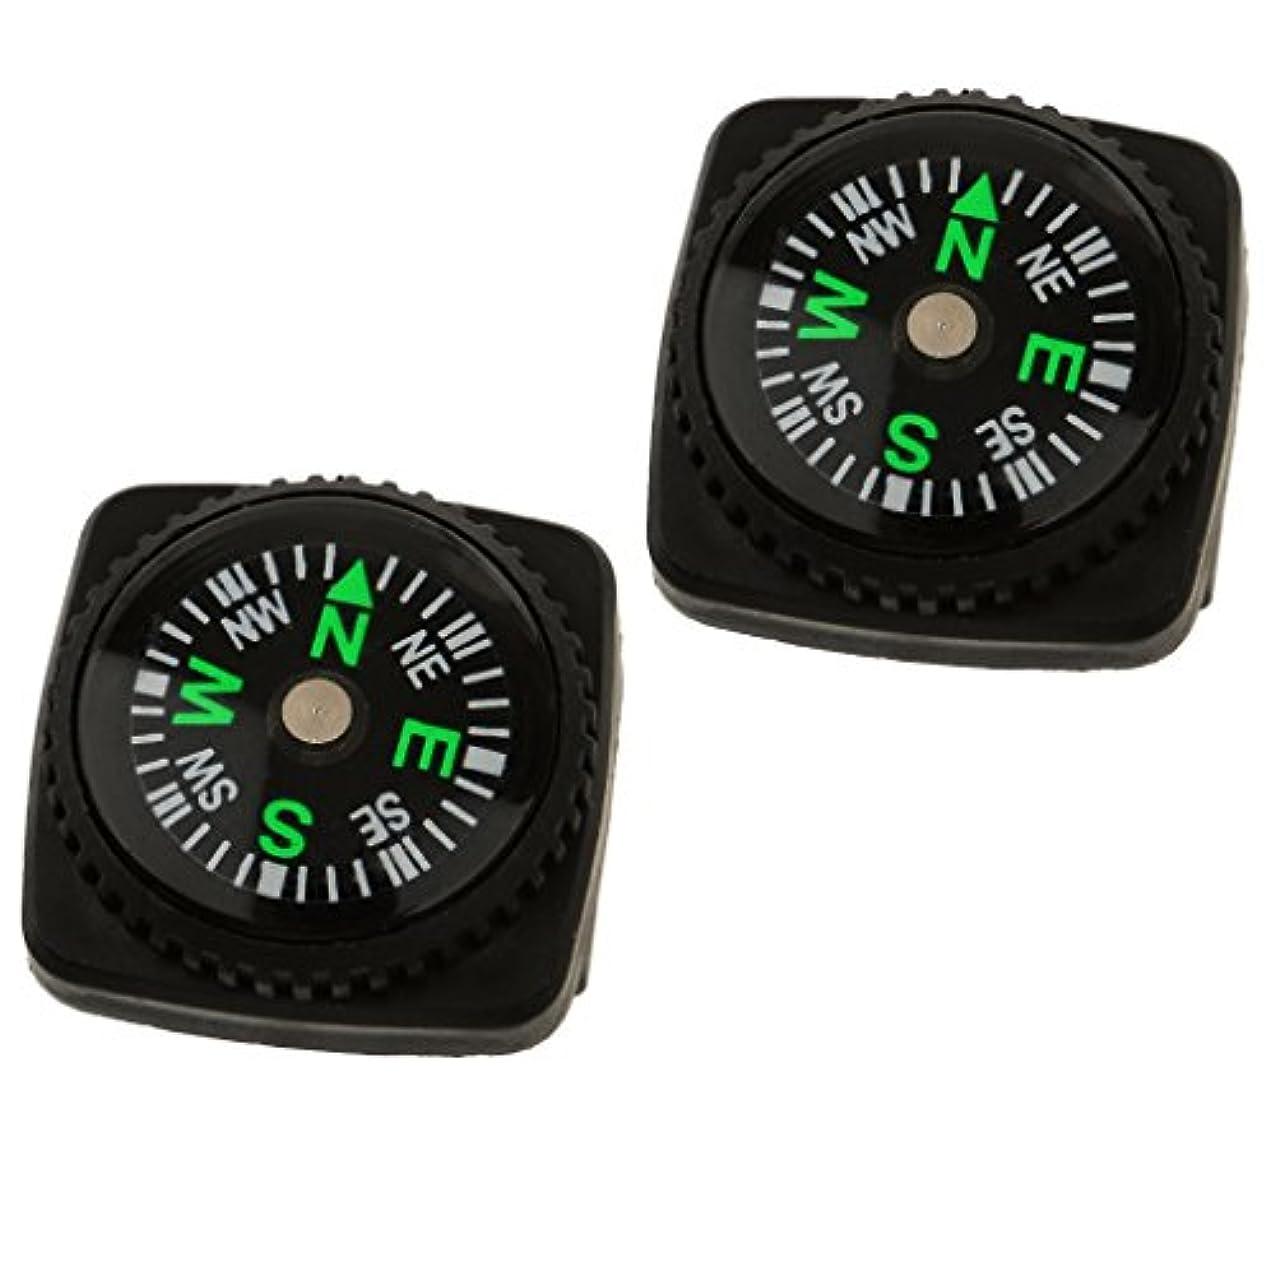 タールそれに応じて鉱夫ノーブランド 品 2個 お買い得 ラバー製 コンパス ホルスター 時計 バンド Paracord ブレスレット コンパス